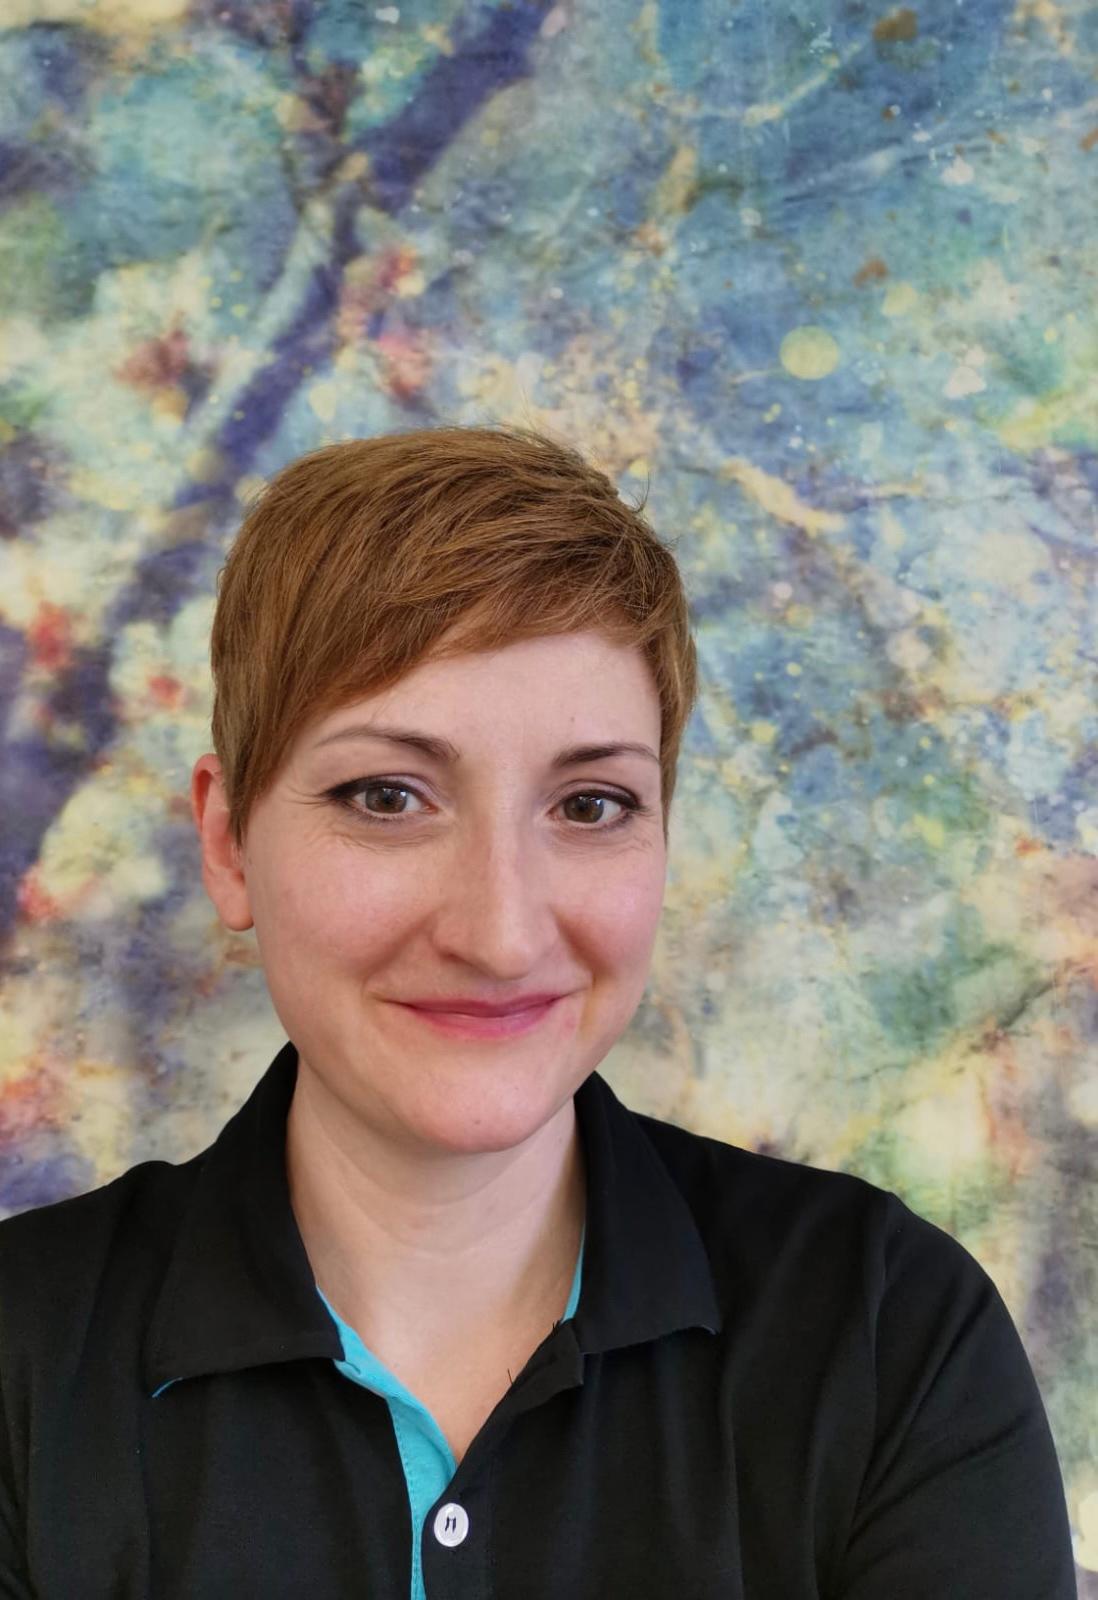 Dr. Kristina Romaniuk